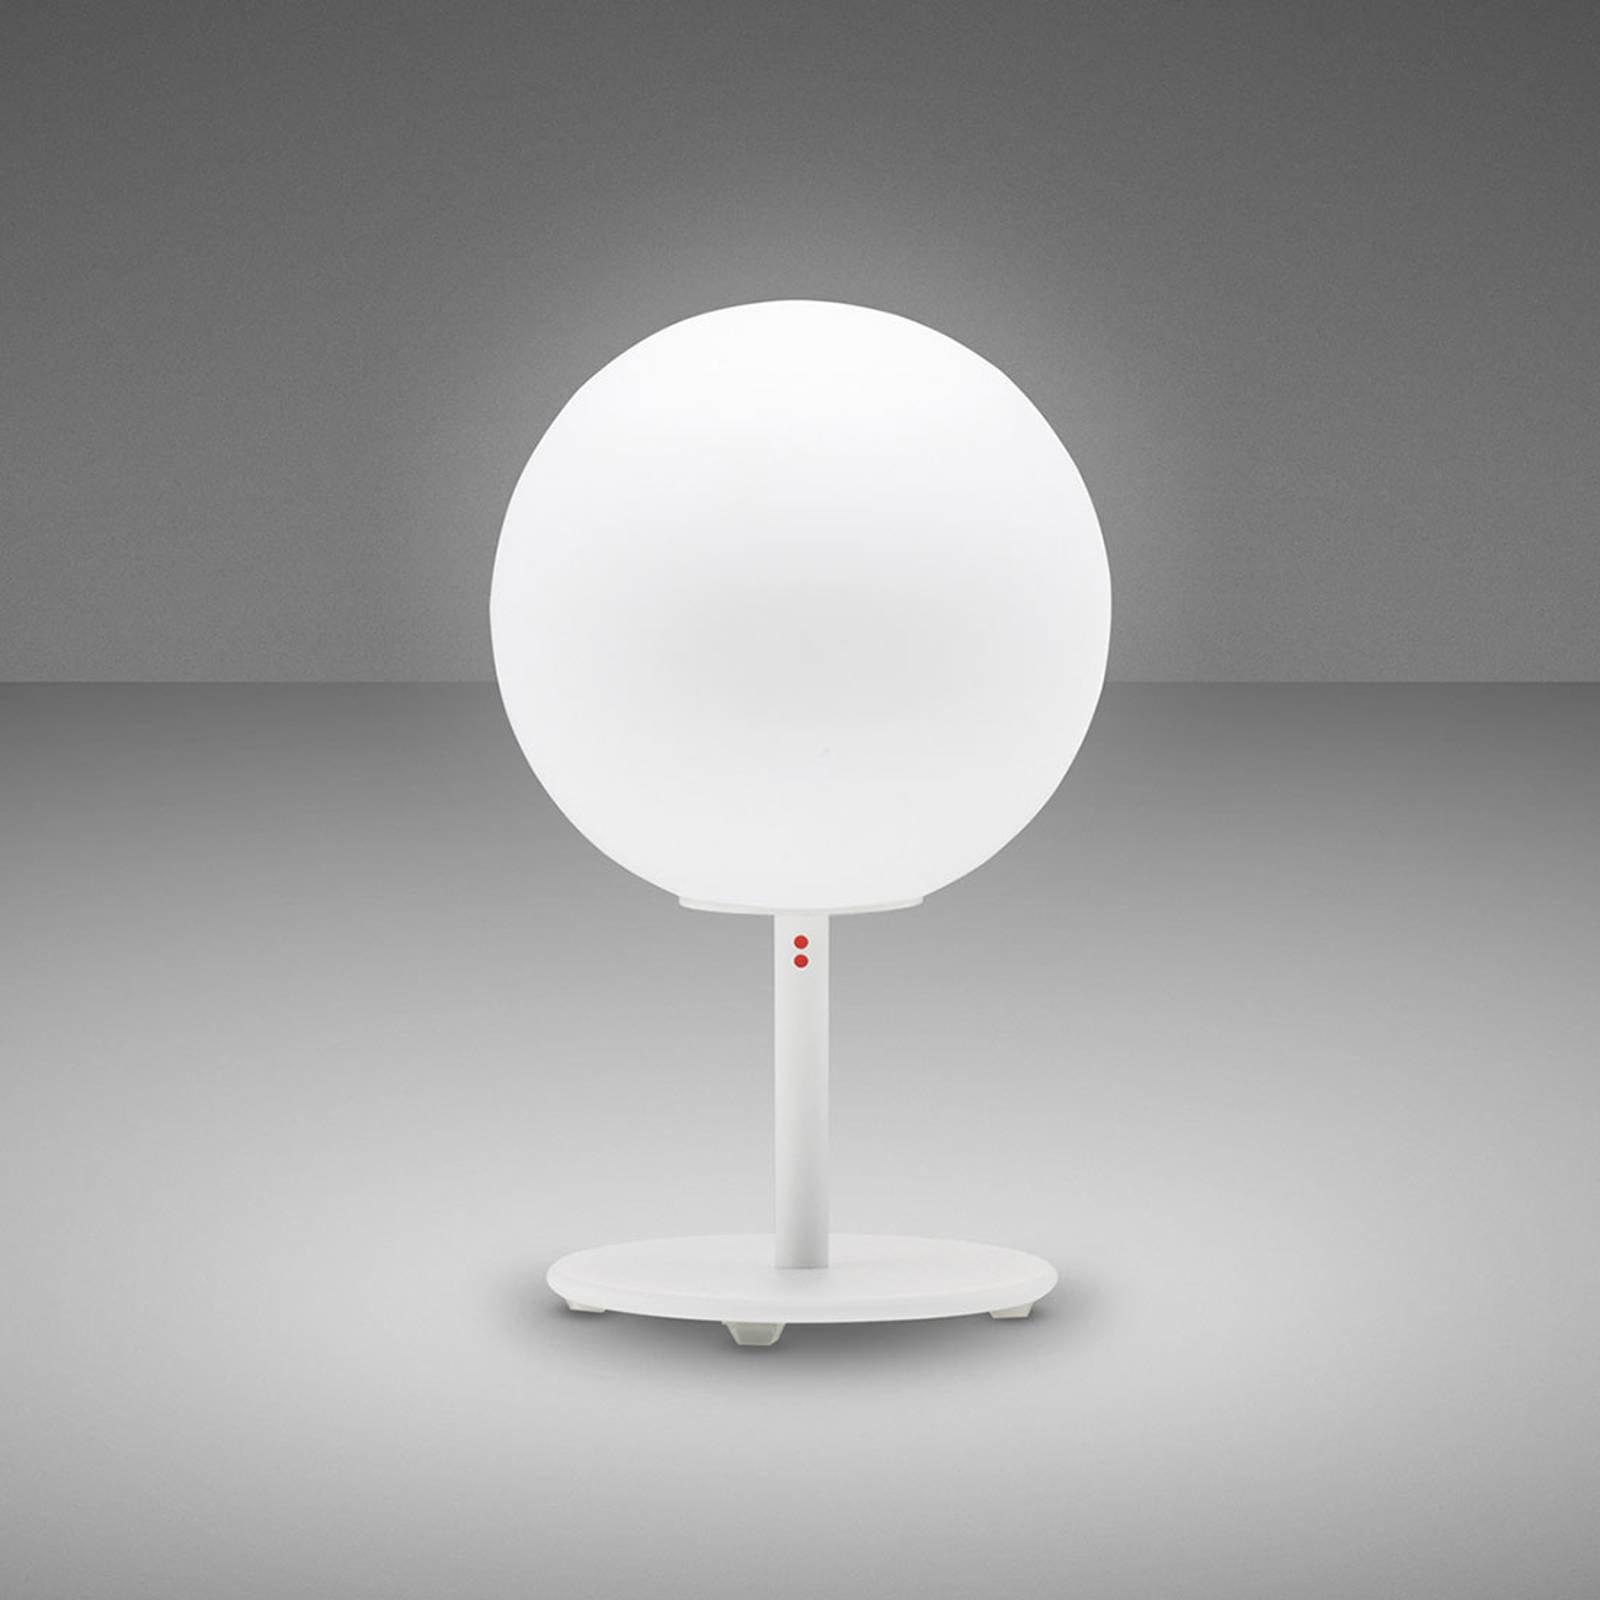 Fabbian Lumi Sfera bordlampe, stående, Ø 14 cm